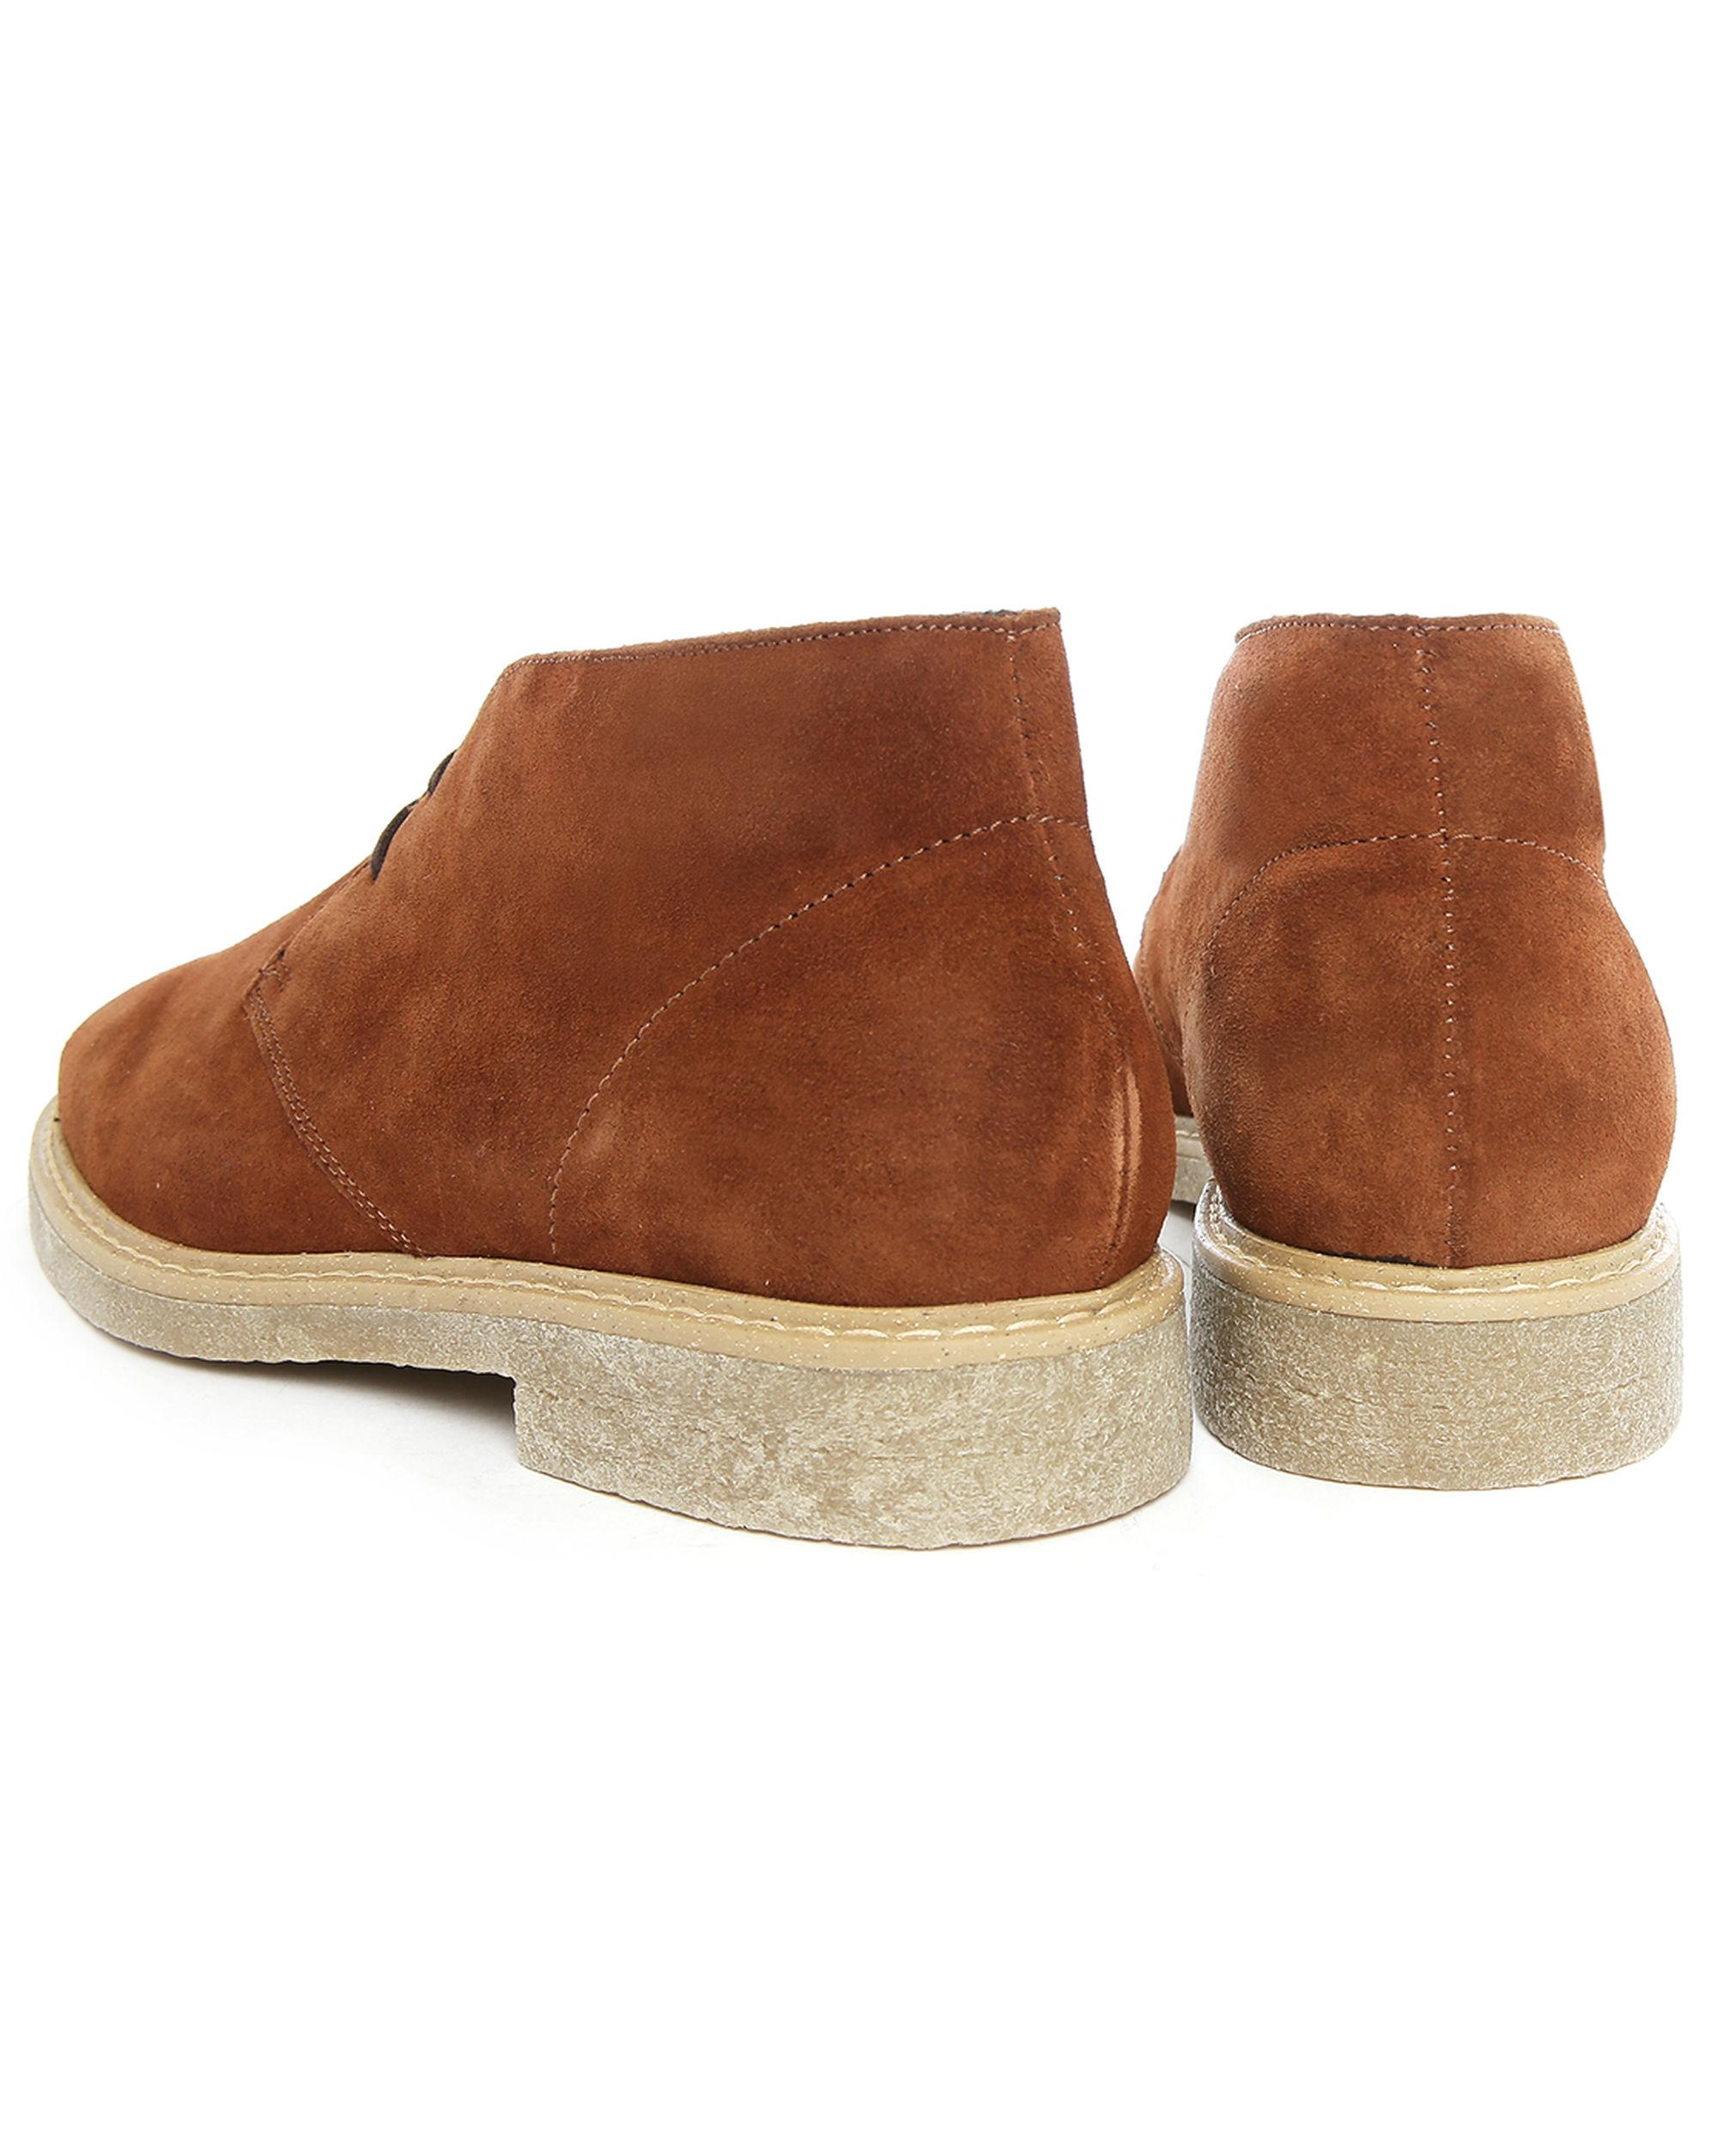 m studio valentin cognac suede desert boots in brown for